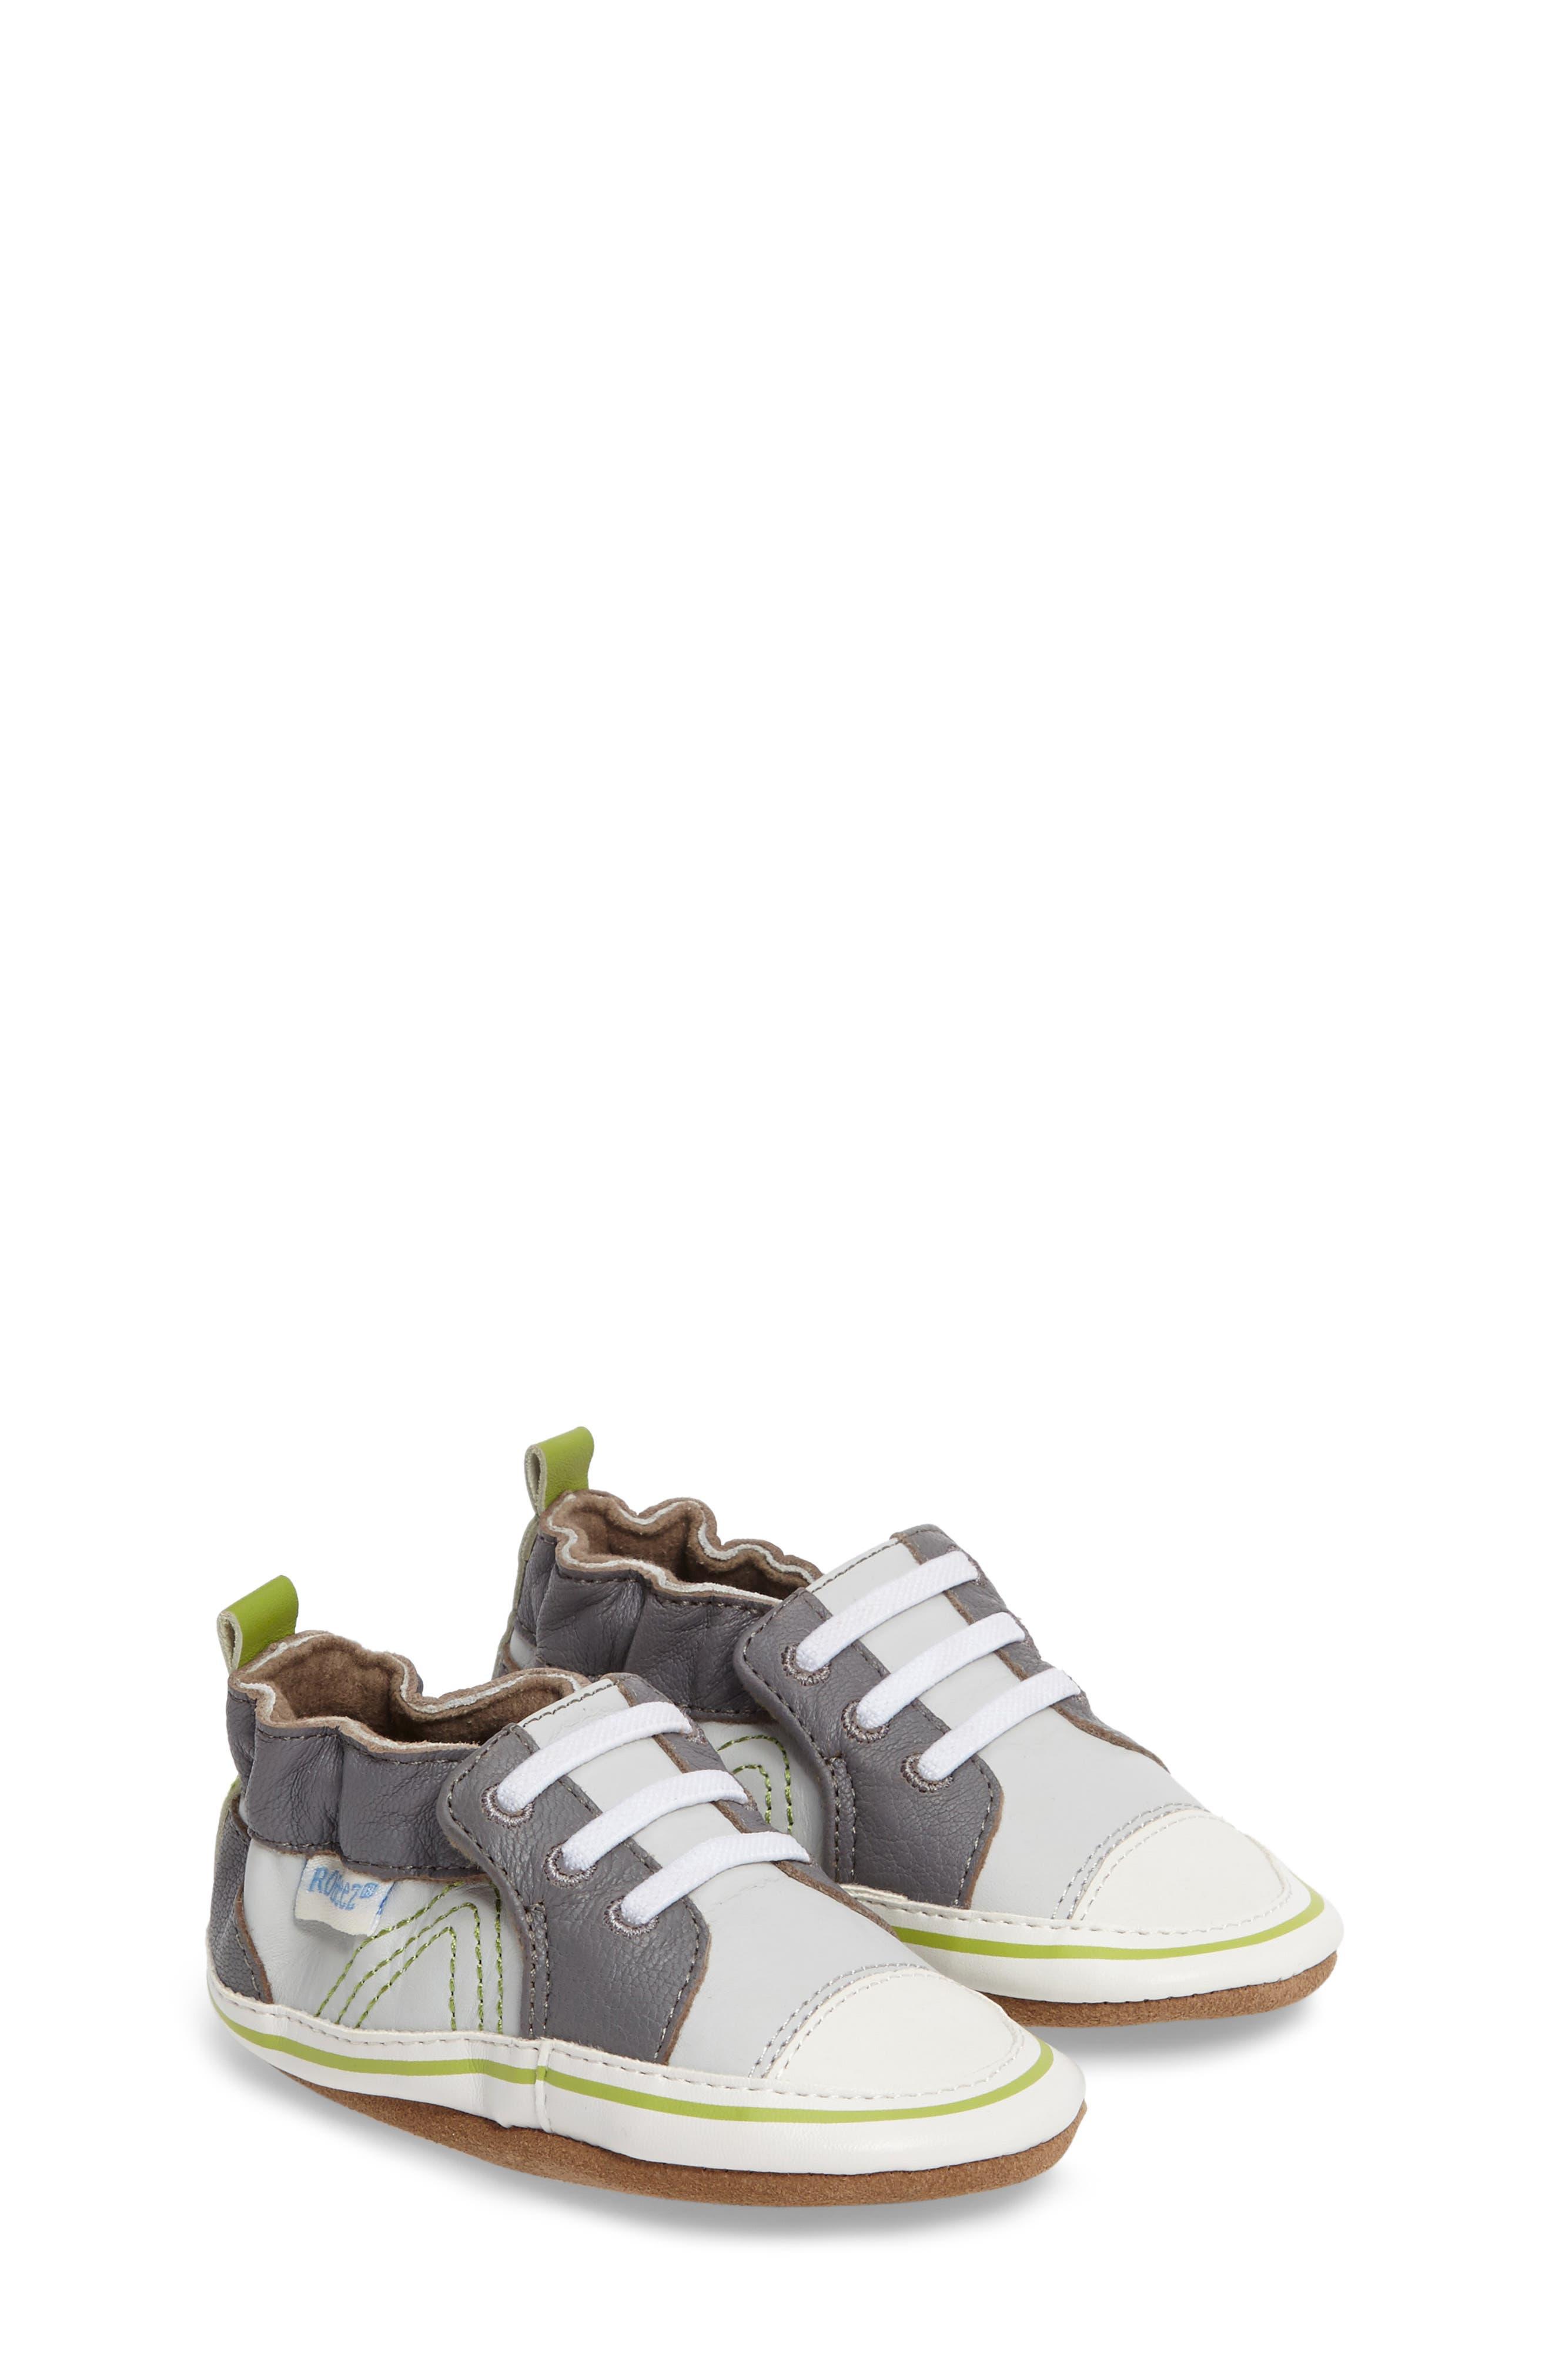 Robeez® Trendy Trainer Sneaker Crib Shoe (Baby)